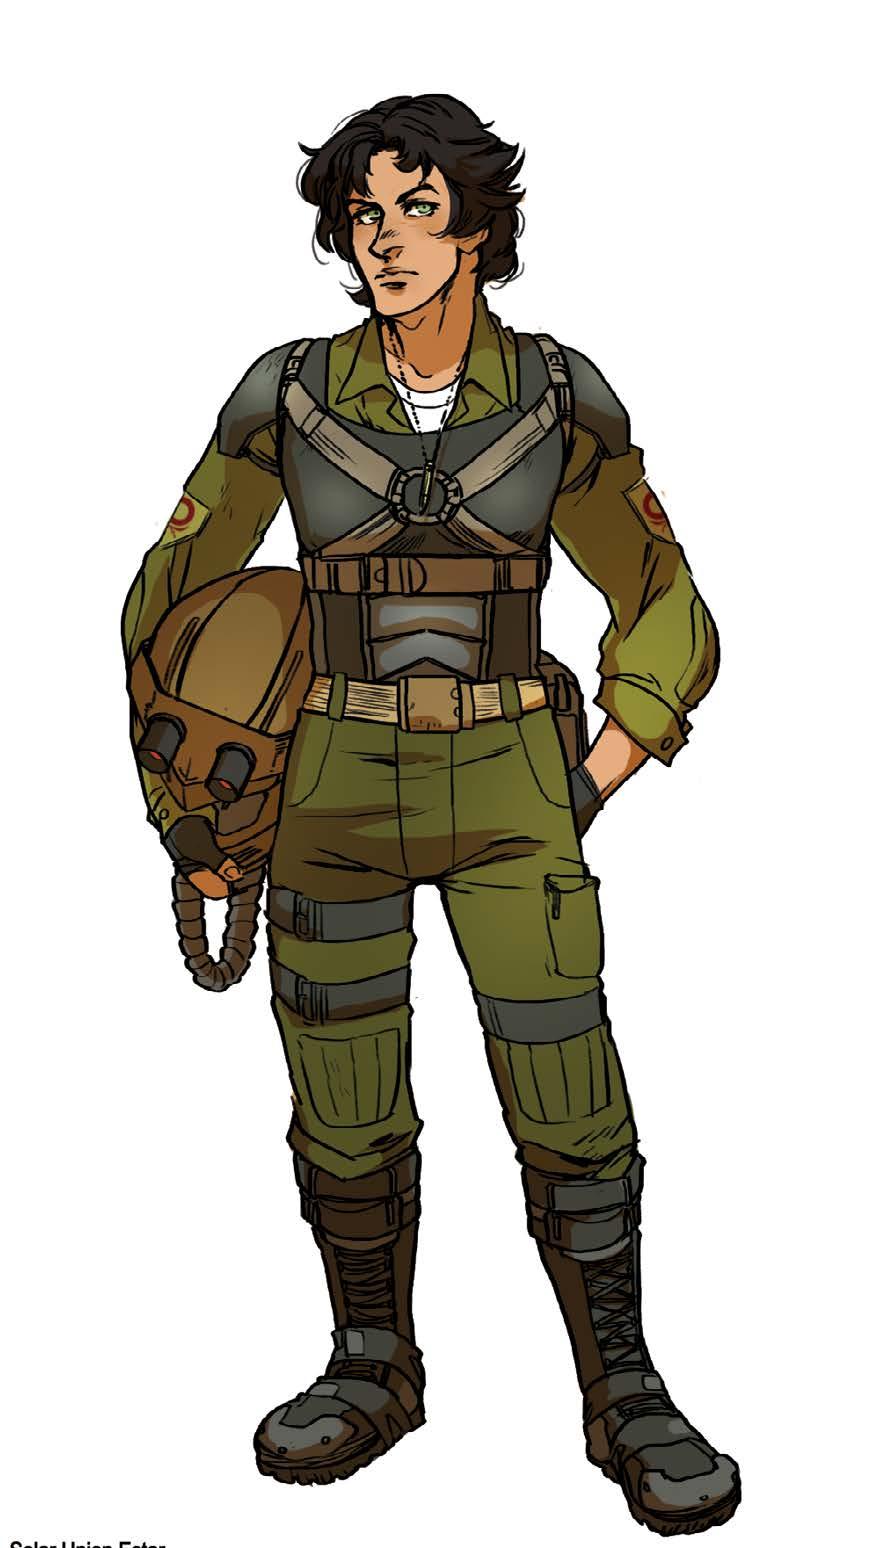 Le Capitaine Estar de la Légion étrangère de Mars Unifiée. Originaire de Gursk, L'enclume d' Estar a été envoyée dans la zone pour pacifier et protéger les colonies de l'Union solaire.